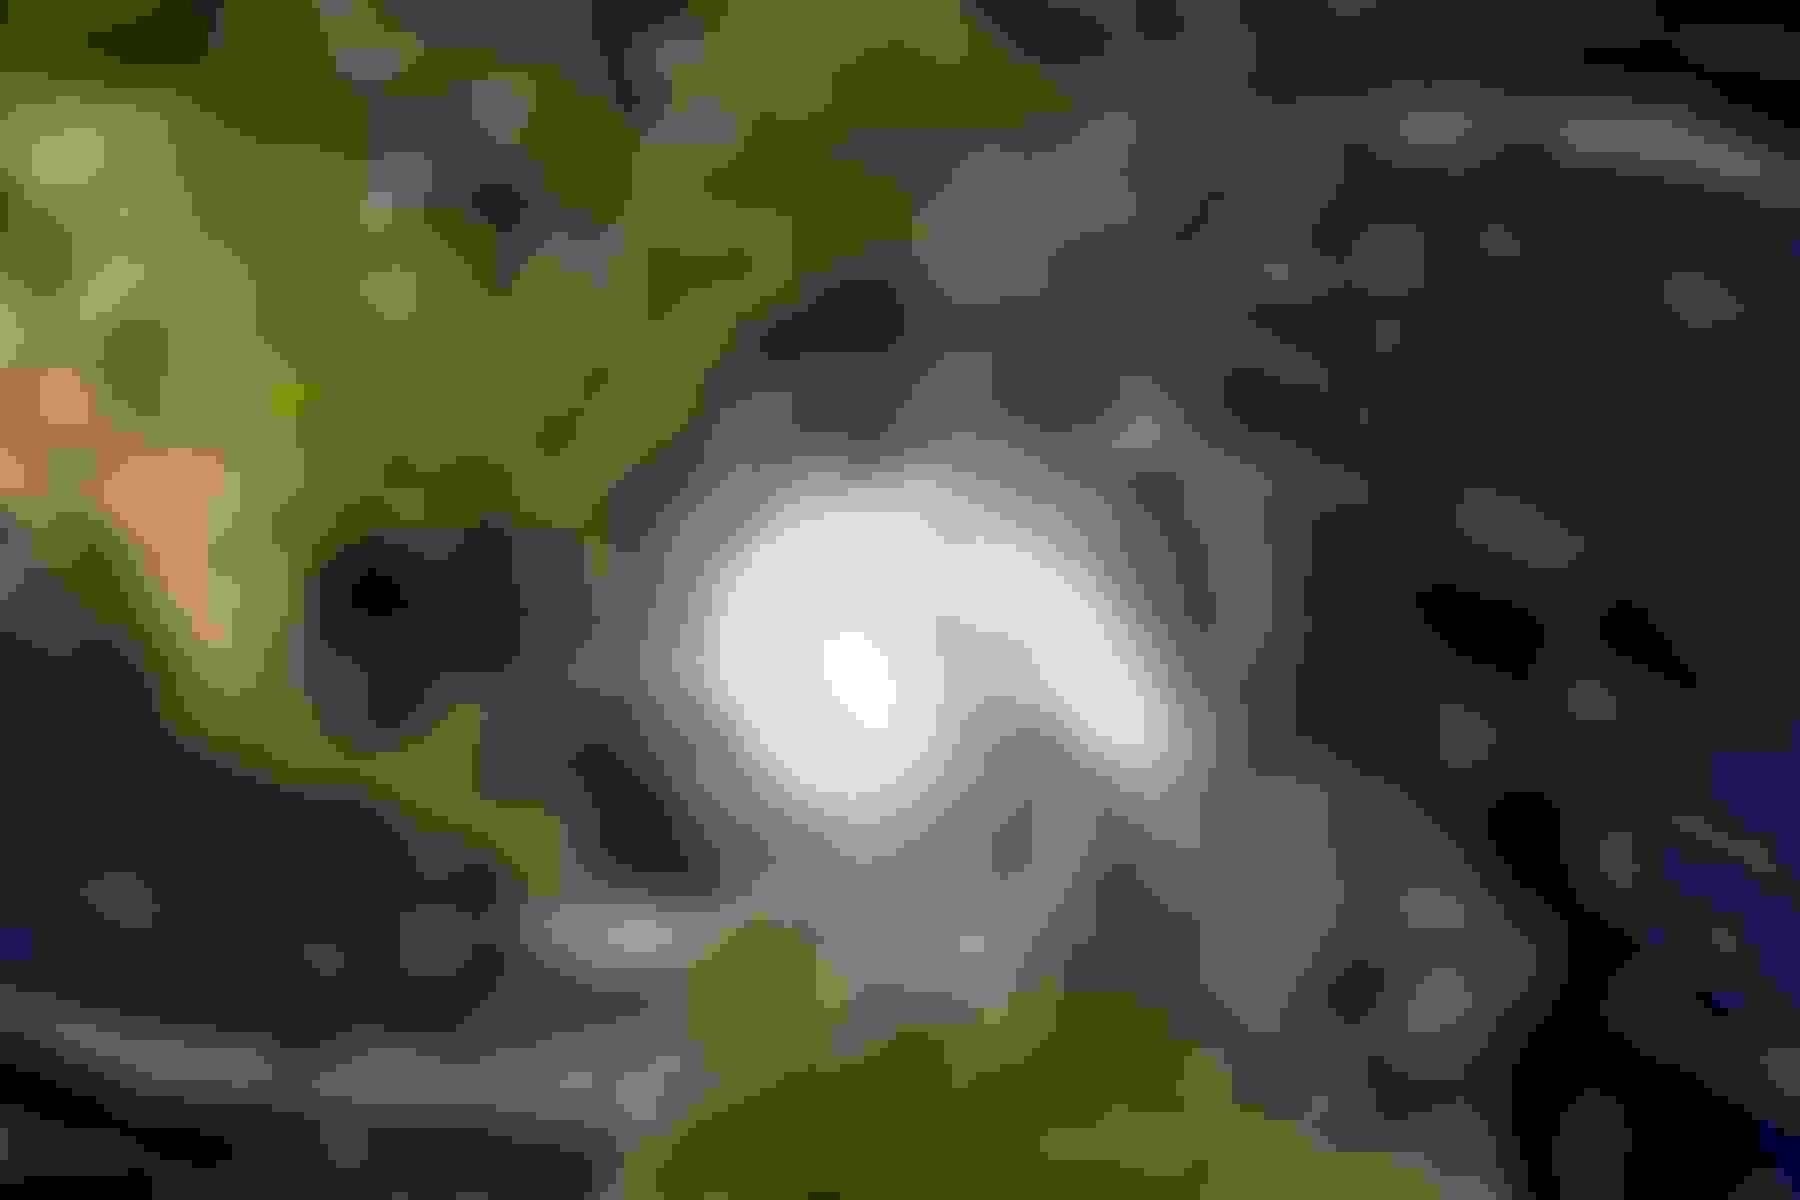 Hurricane approaching USA